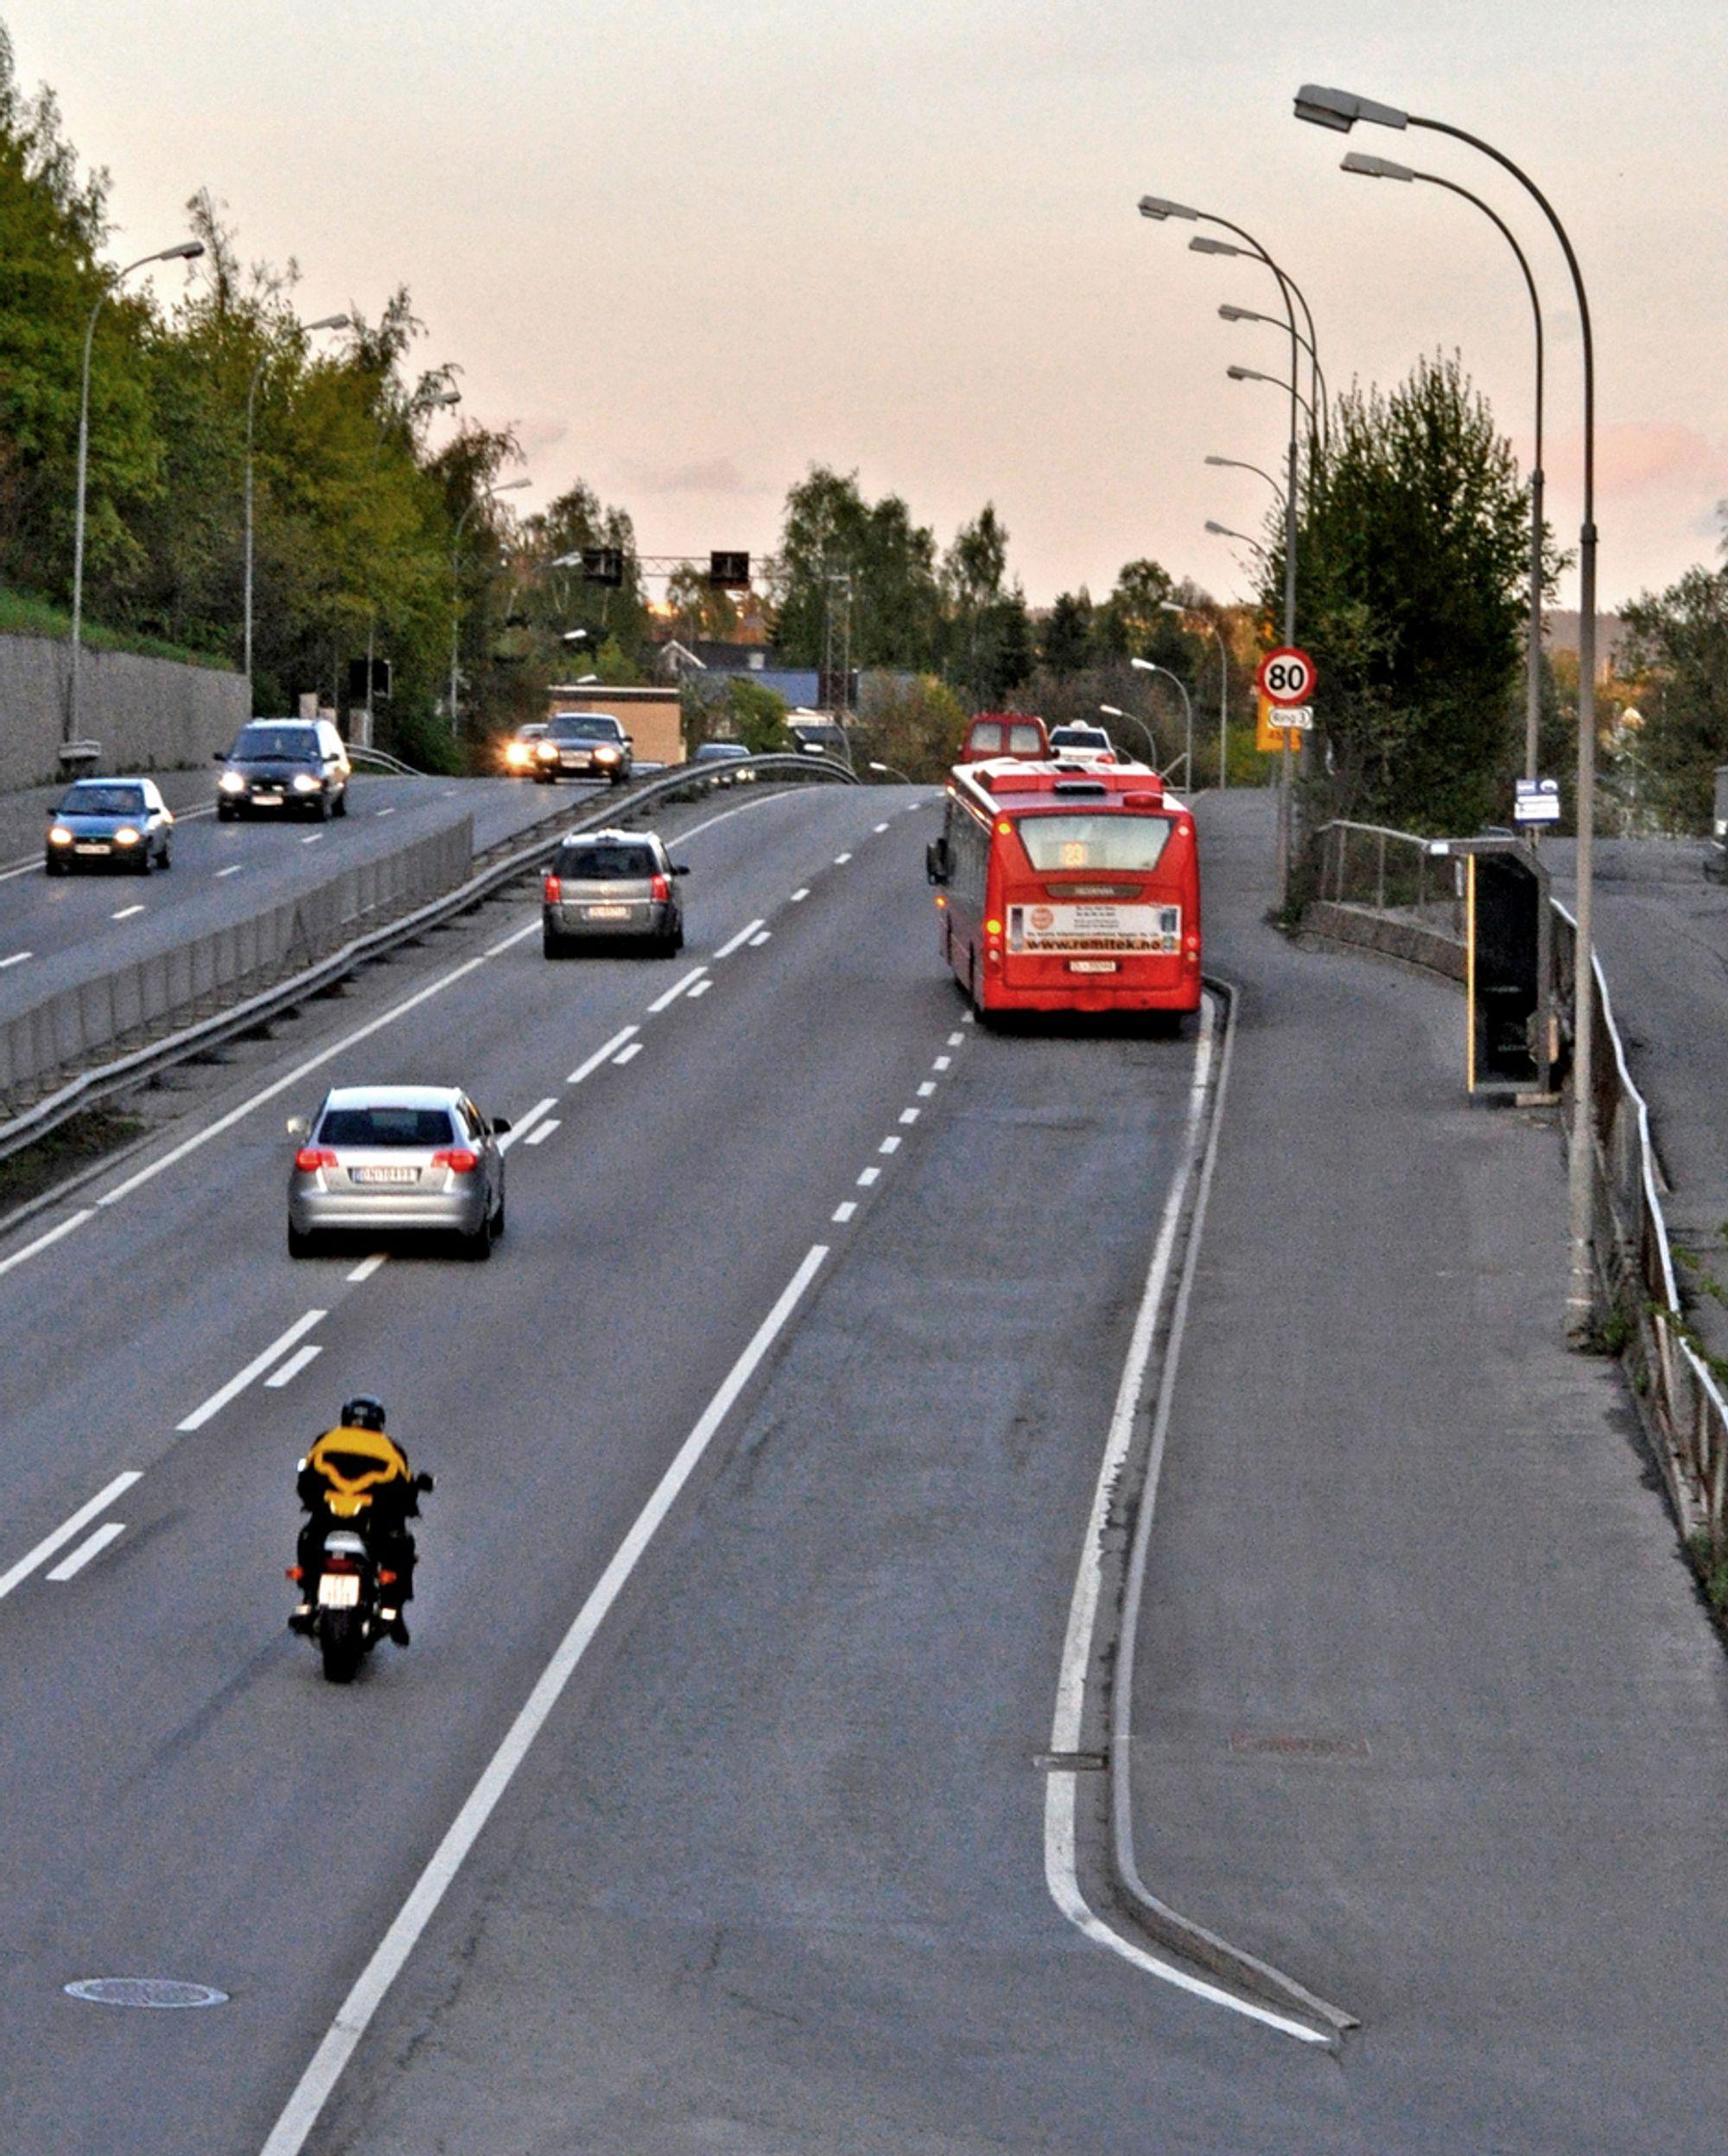 Inntil videre må bussene dele kjørebanen med andre kjøretøyer etter at de har forlatt Nydalen holdeplass. Når ombyggingen er ferdig, kan de fortsette rett fram der fortauet går i dag.